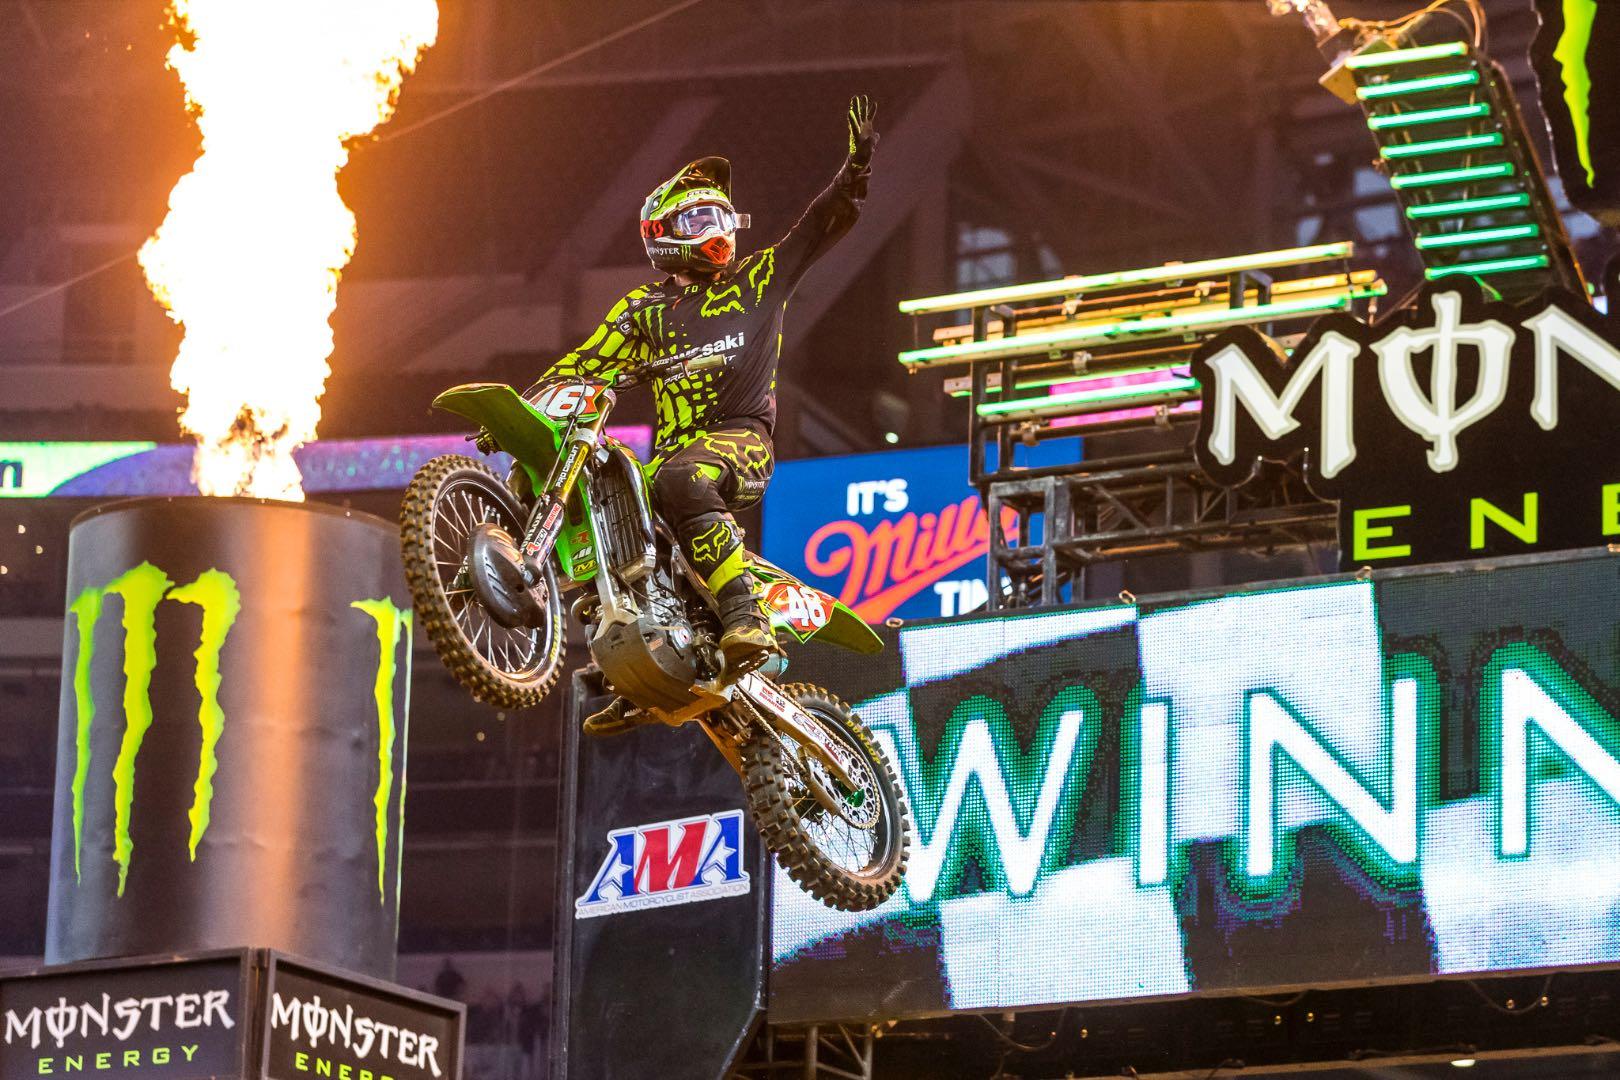 2017 Arlington 250SX Results: Kawasaki's Justin Hill